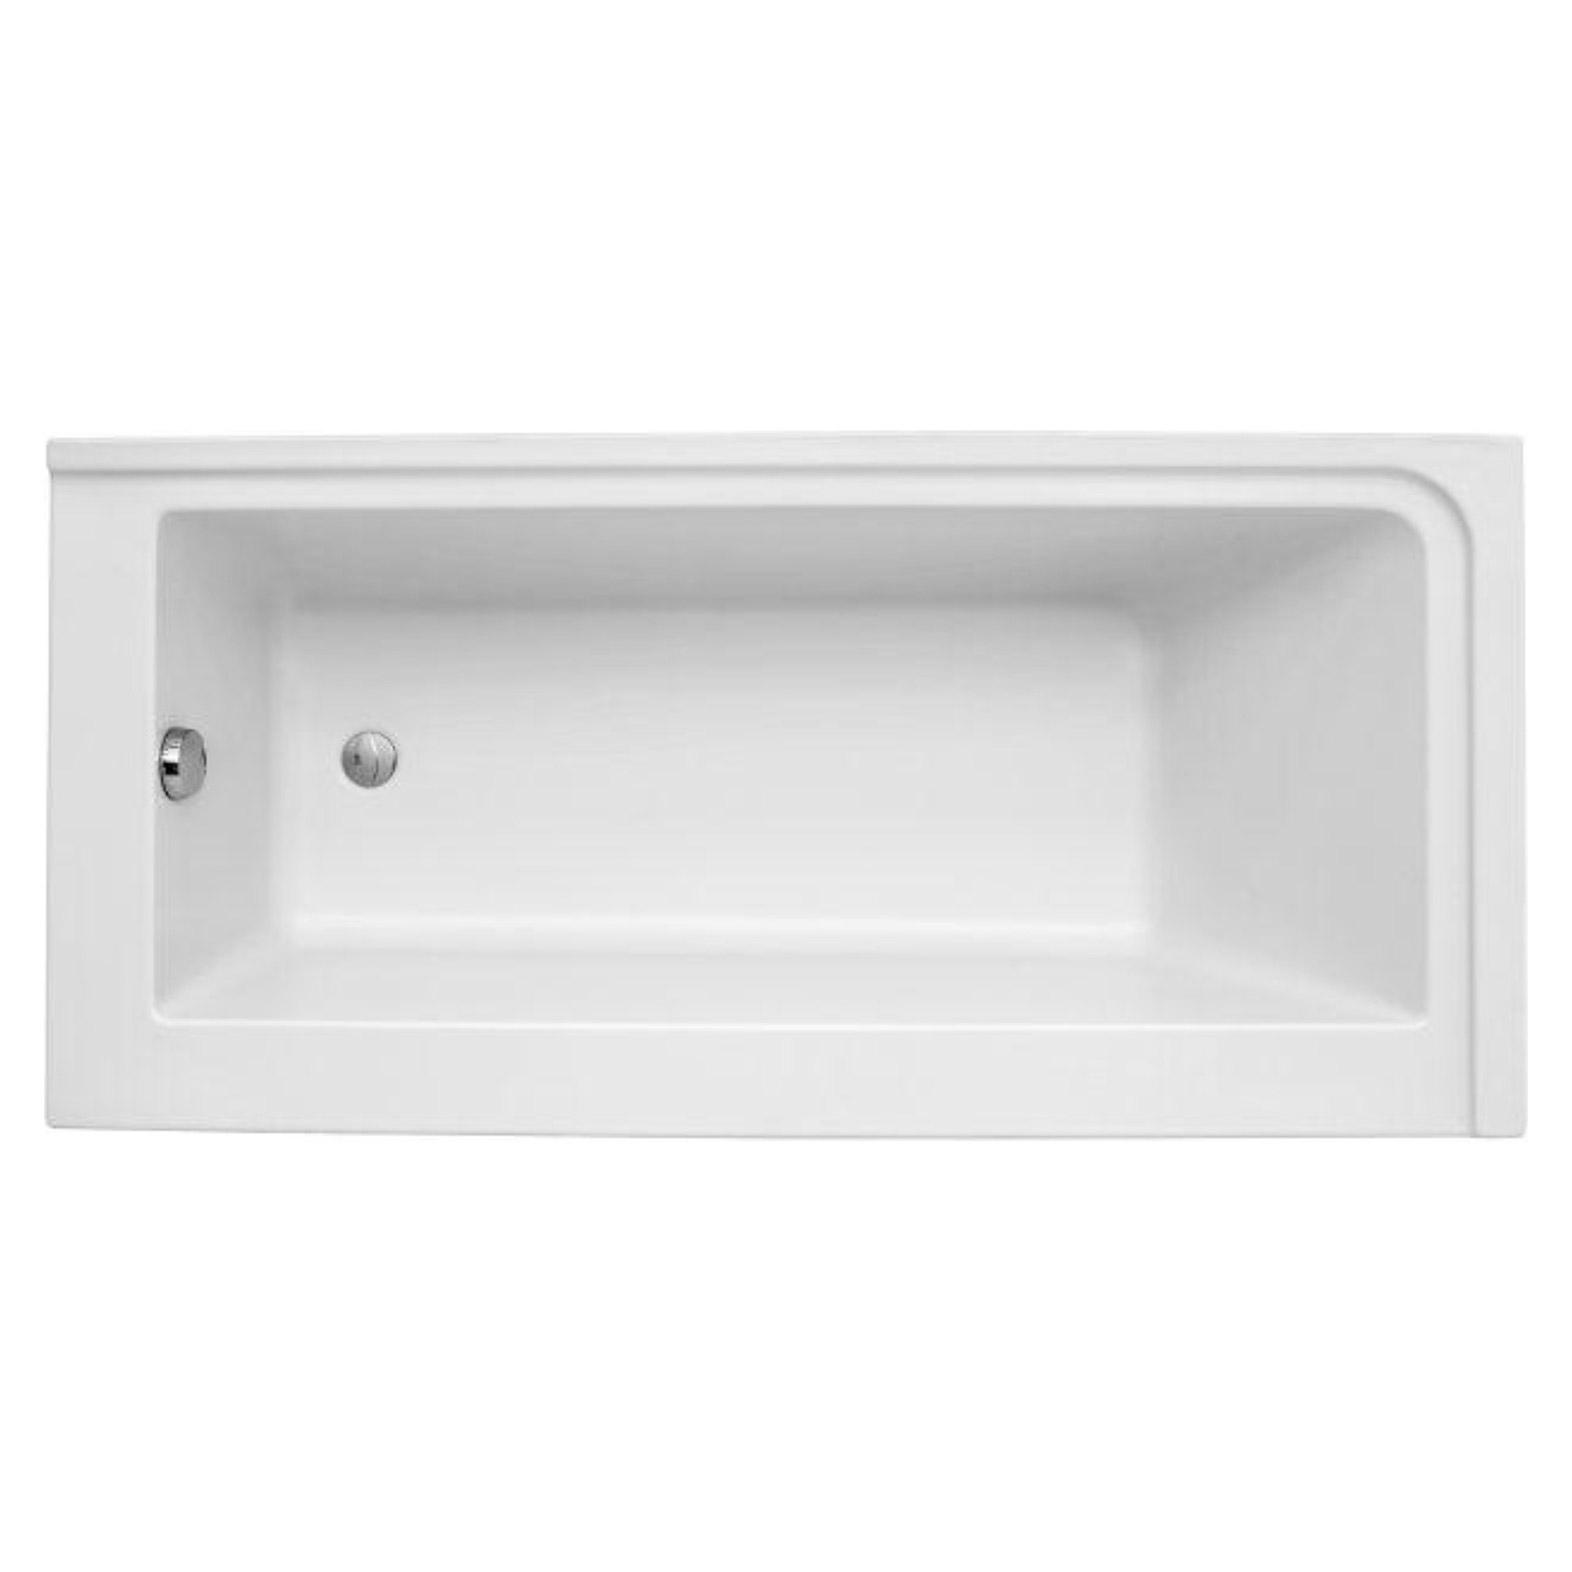 Купить Акриловая ванна Jacob Delafon Formilia 170x80 см, Франция, белый, акрил